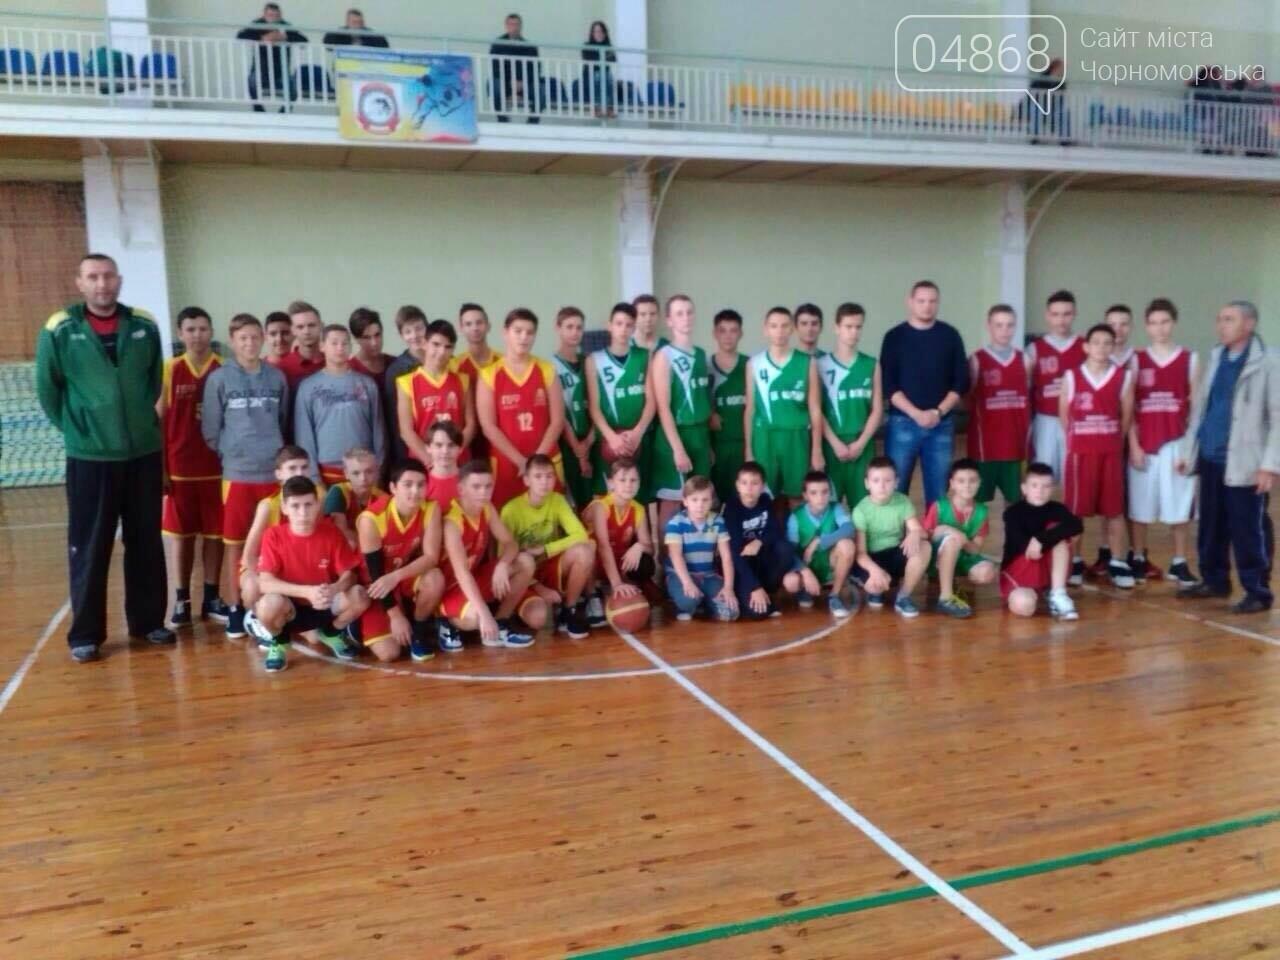 Стартовал ежегодный турнир по баскетболу Черноморская детская лига, фото-4